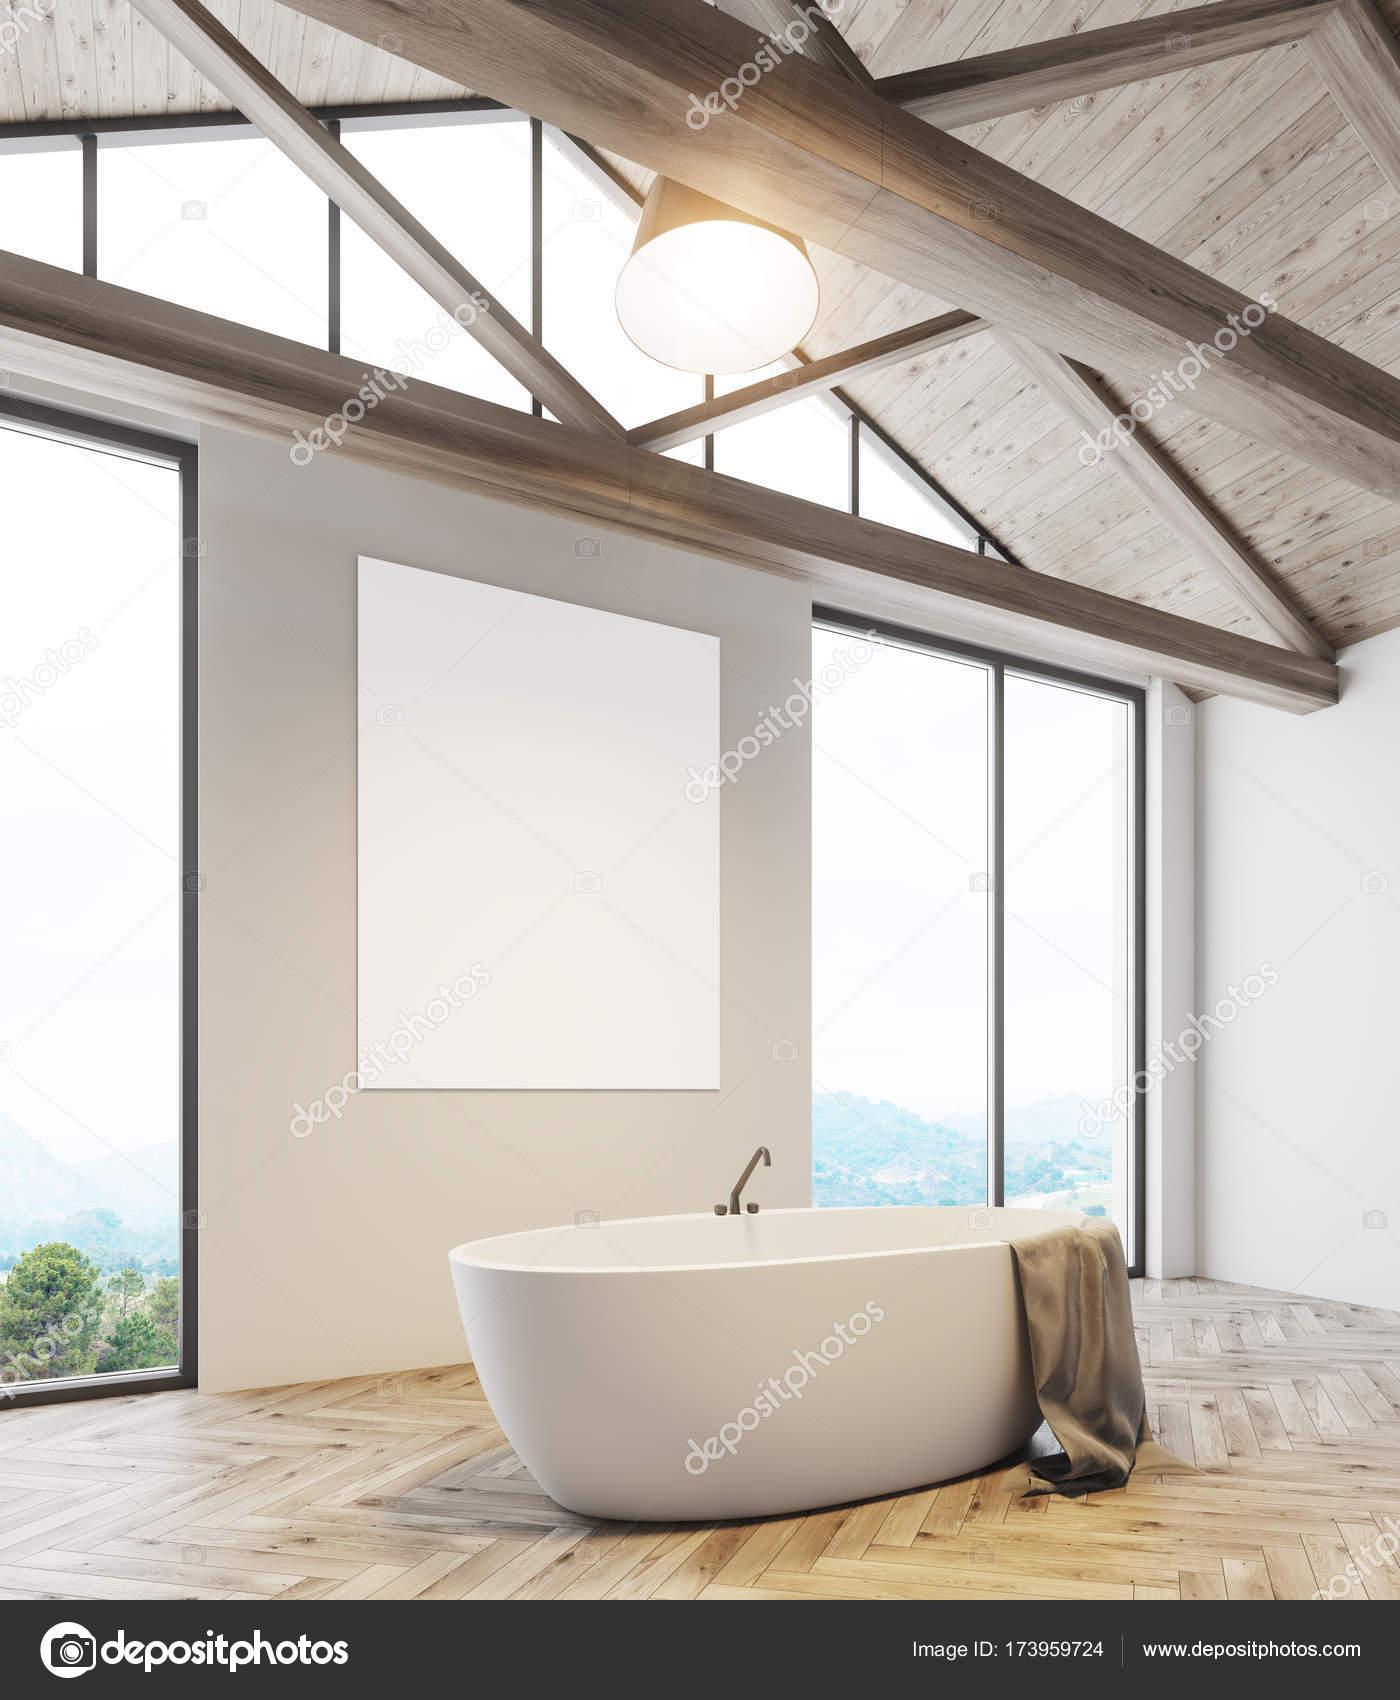 Dachgeschoss Bad Mit Einem Plakat Und Eine Wanne Seite Stockfoto